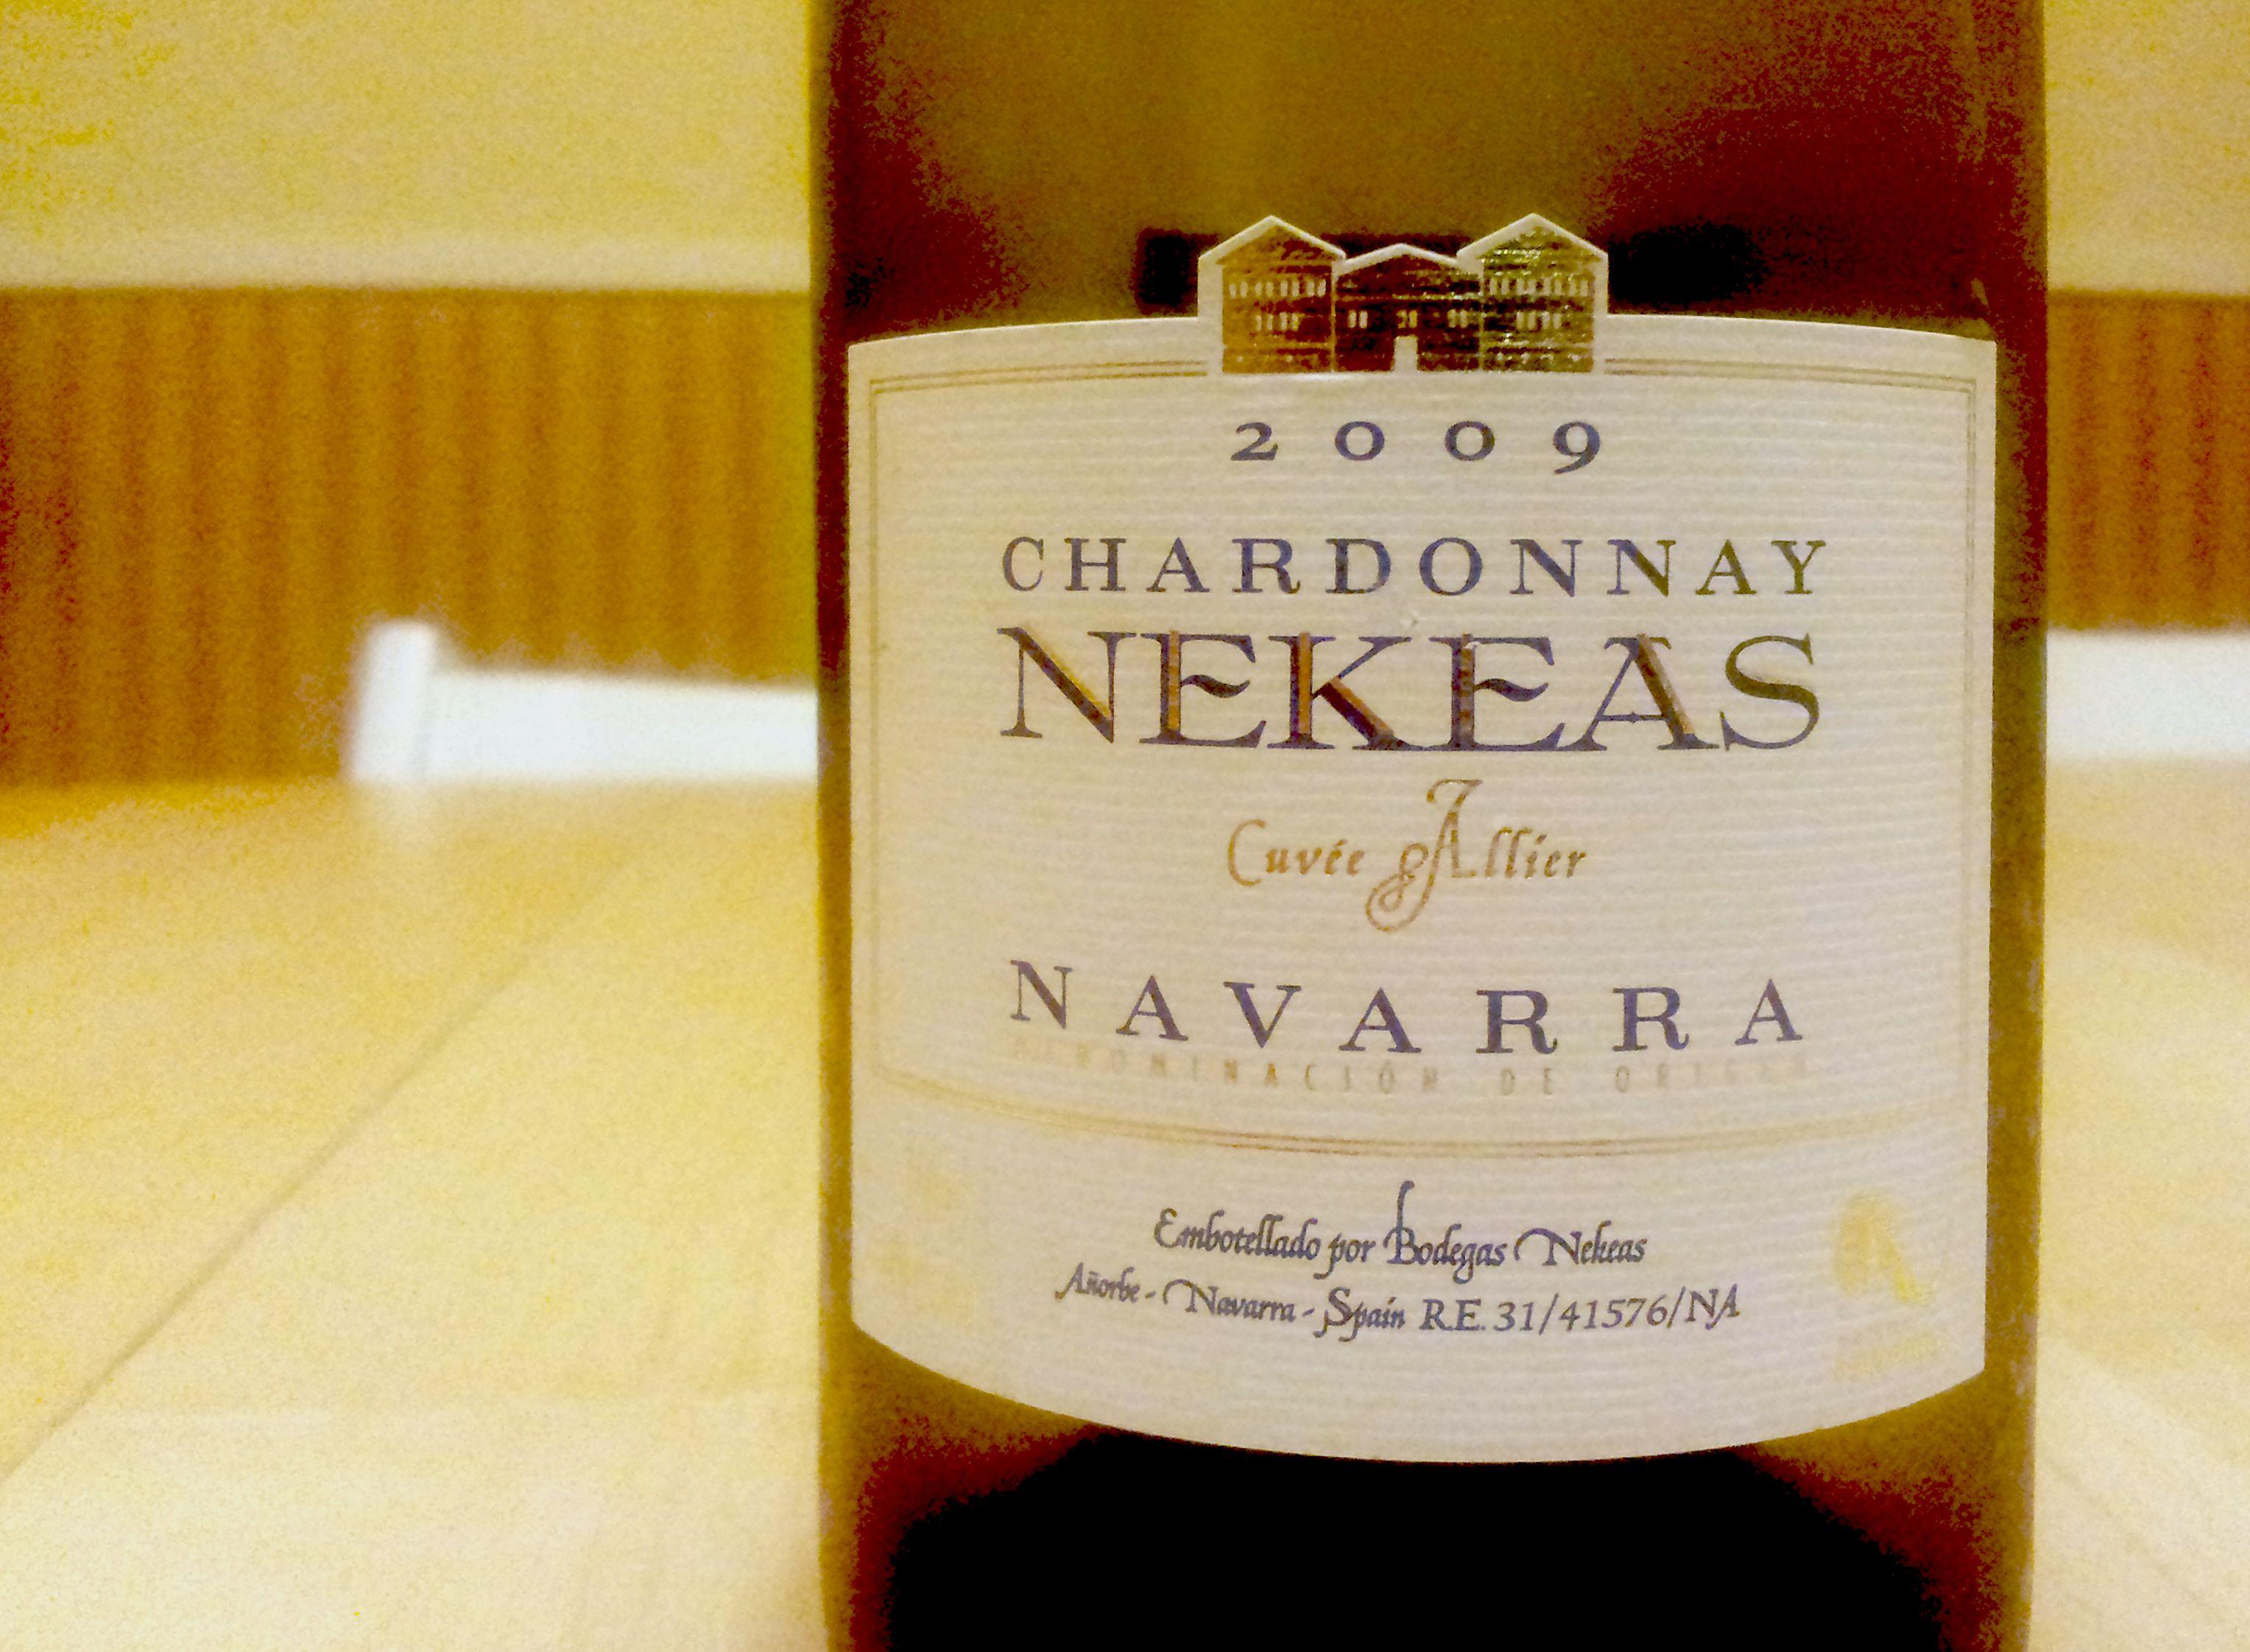 Nekeas, Chardonnay Cuvee Alier.  Uno de los grandes de Navarra ...y del mundo!